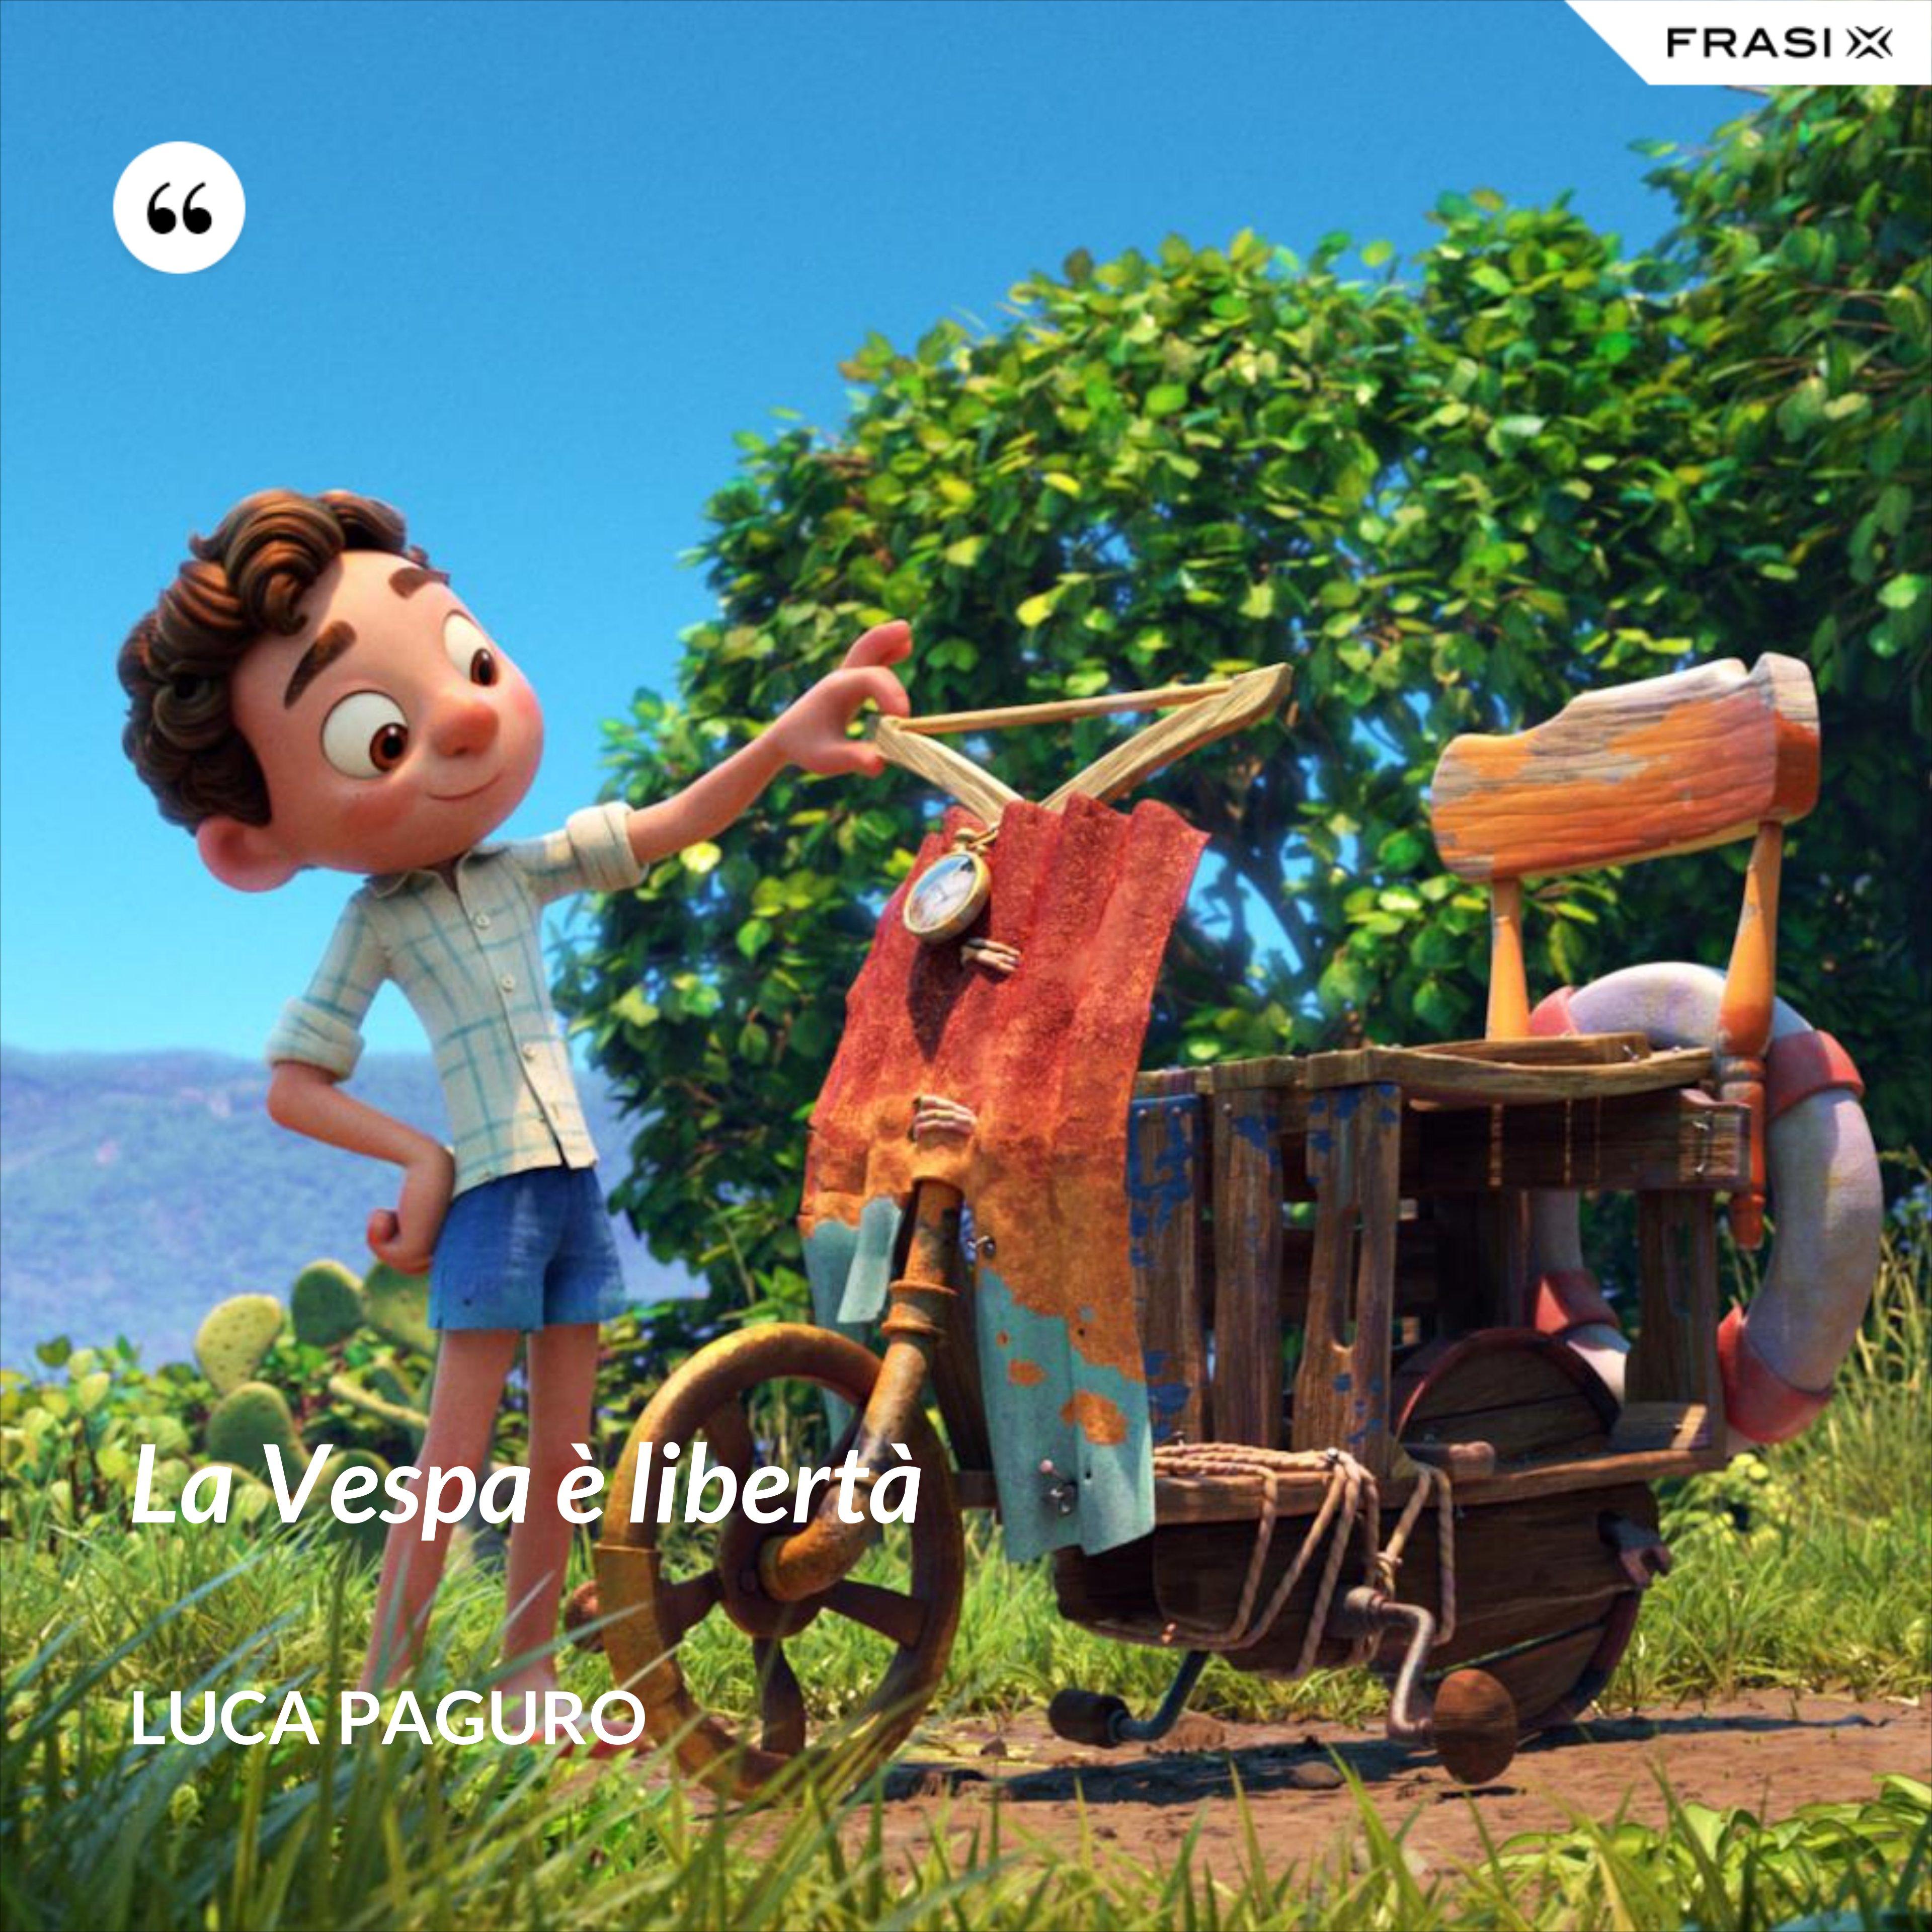 La Vespa è libertà - Luca Paguro